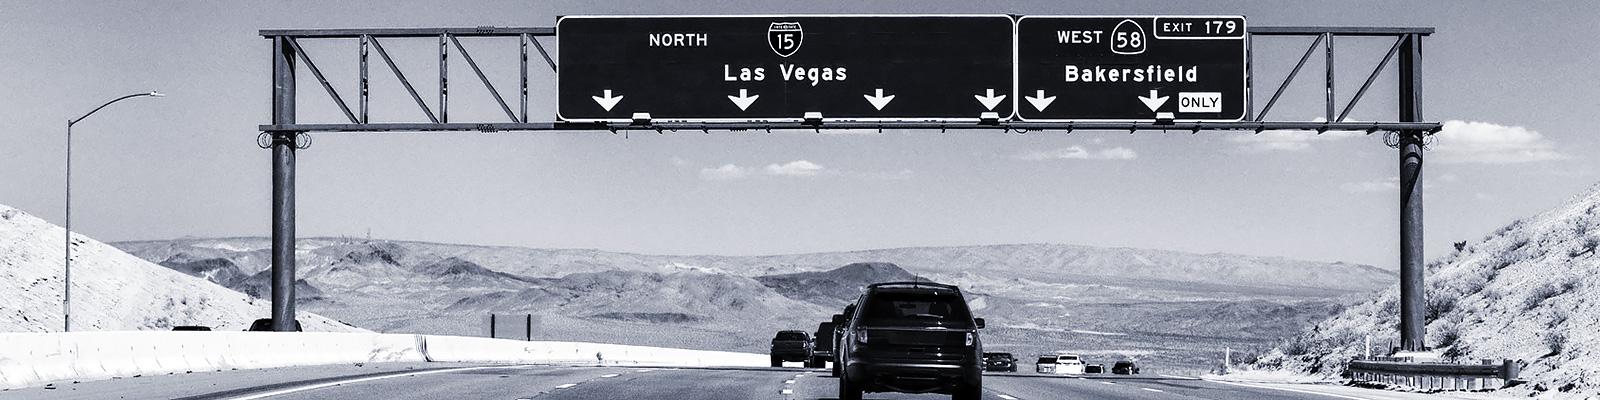 ラスベガス 高速道路 自動車 イメージ